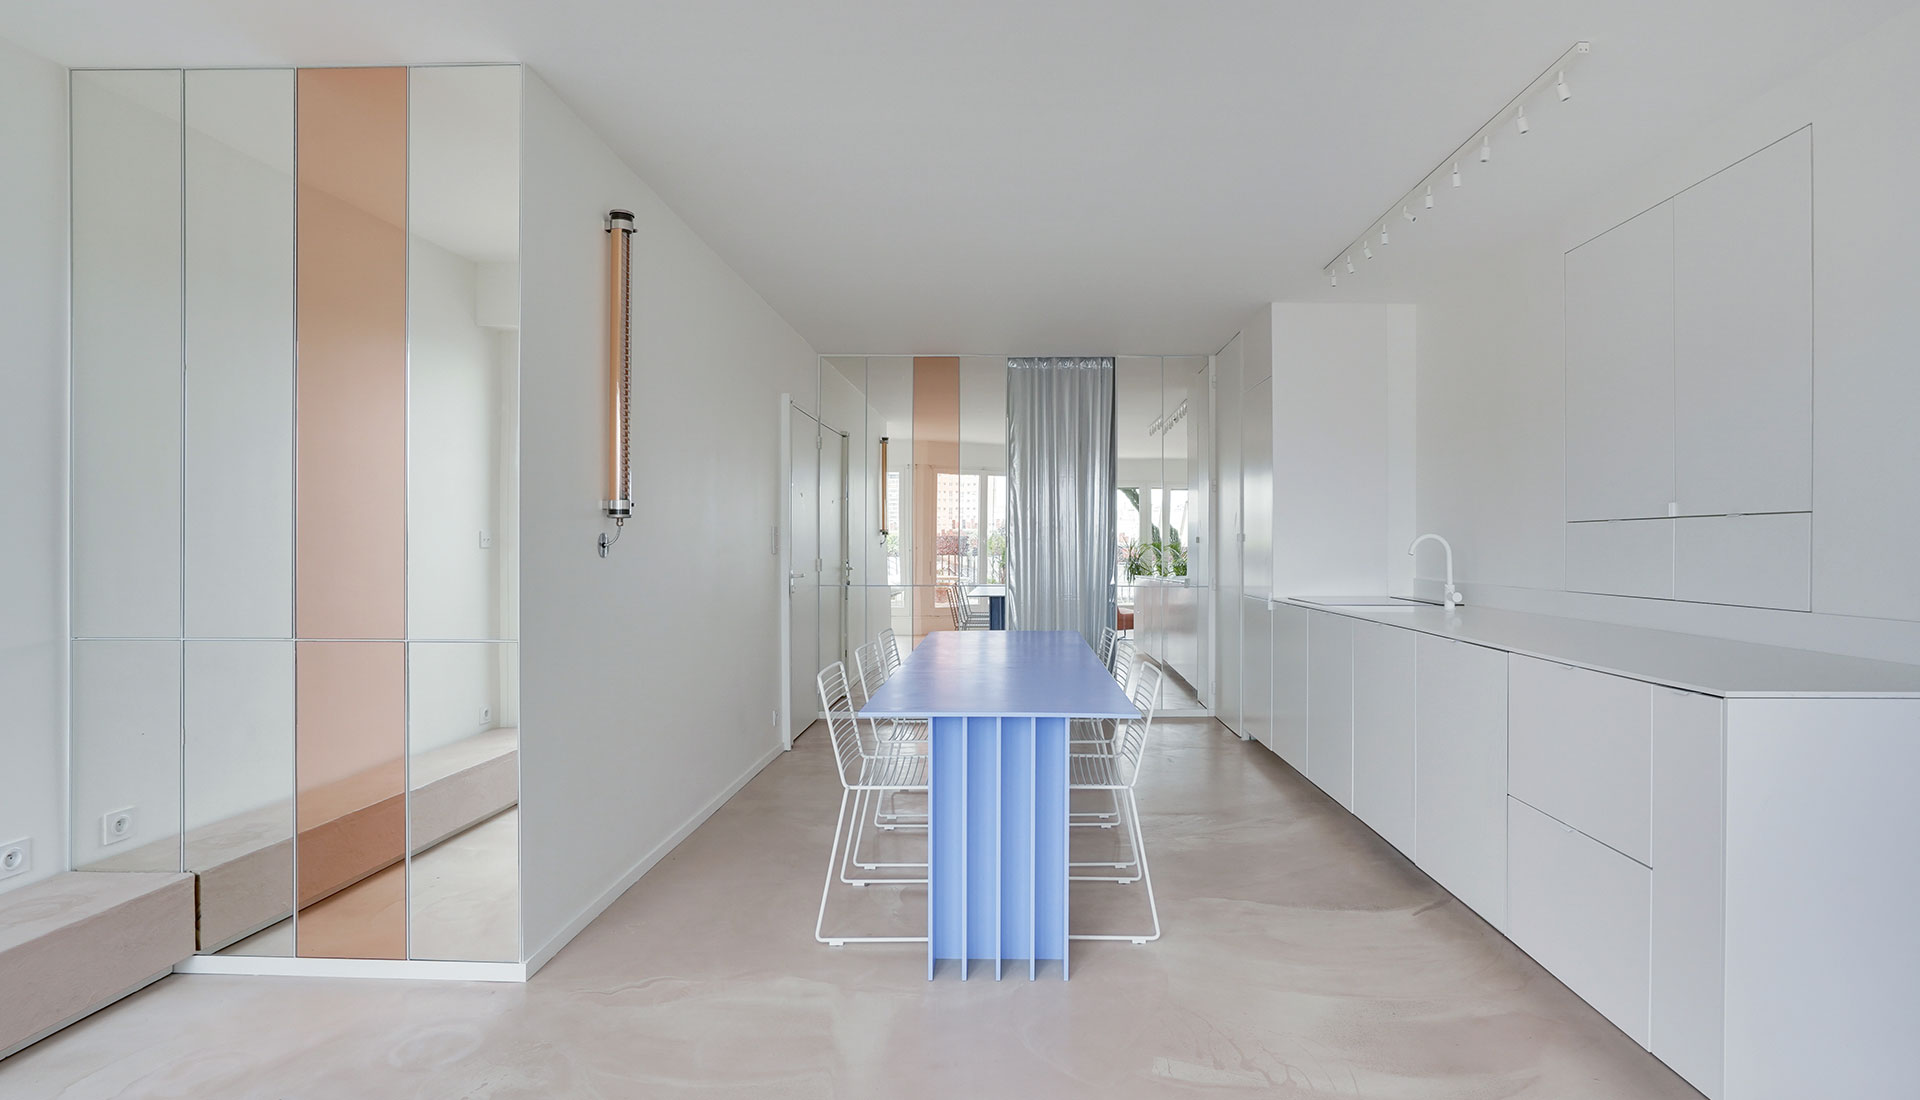 Ubalt Architectes : квартира 62 кв. метра в Париже